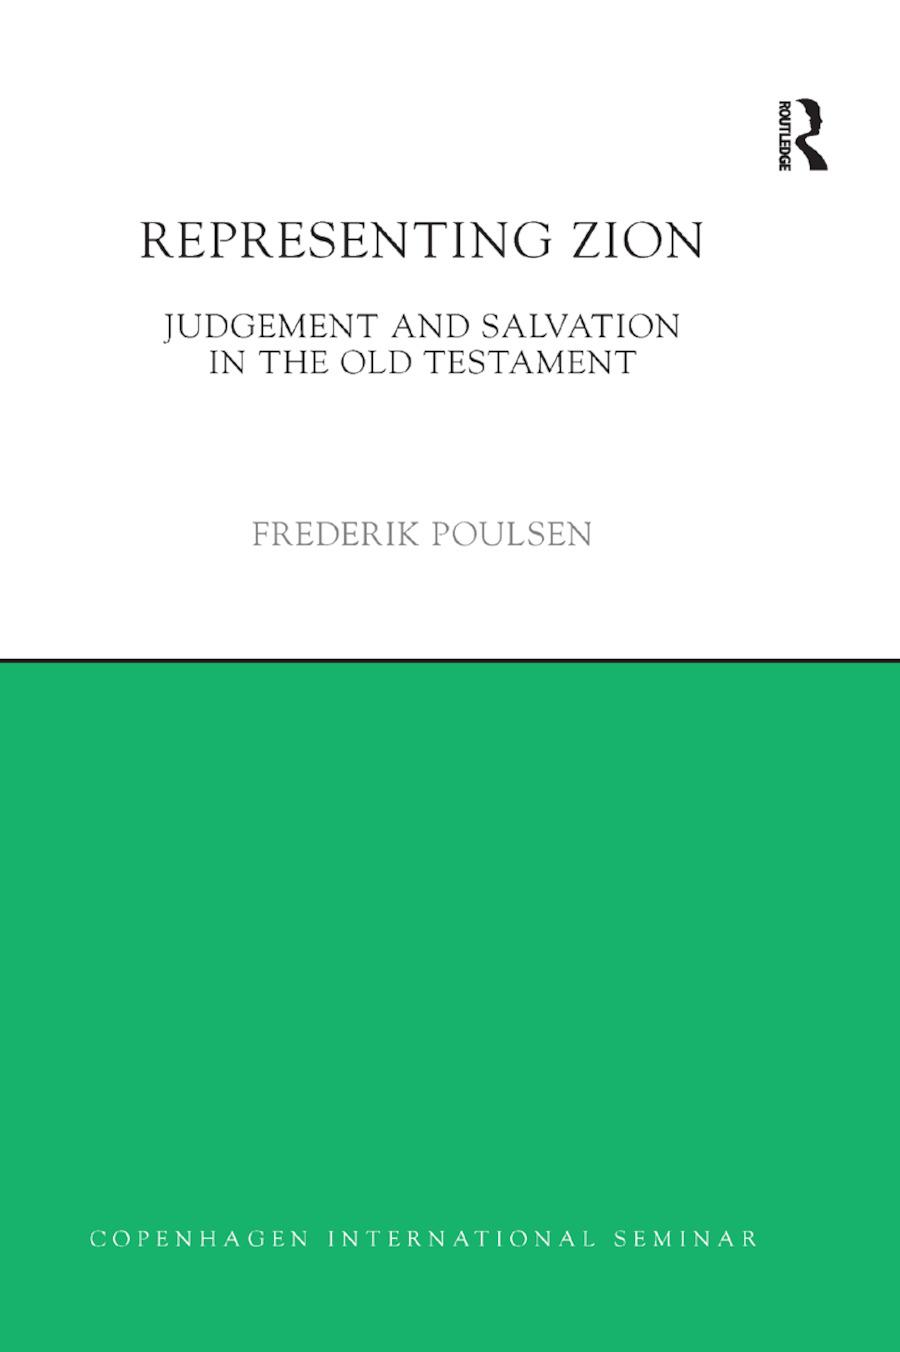 Representing Zion